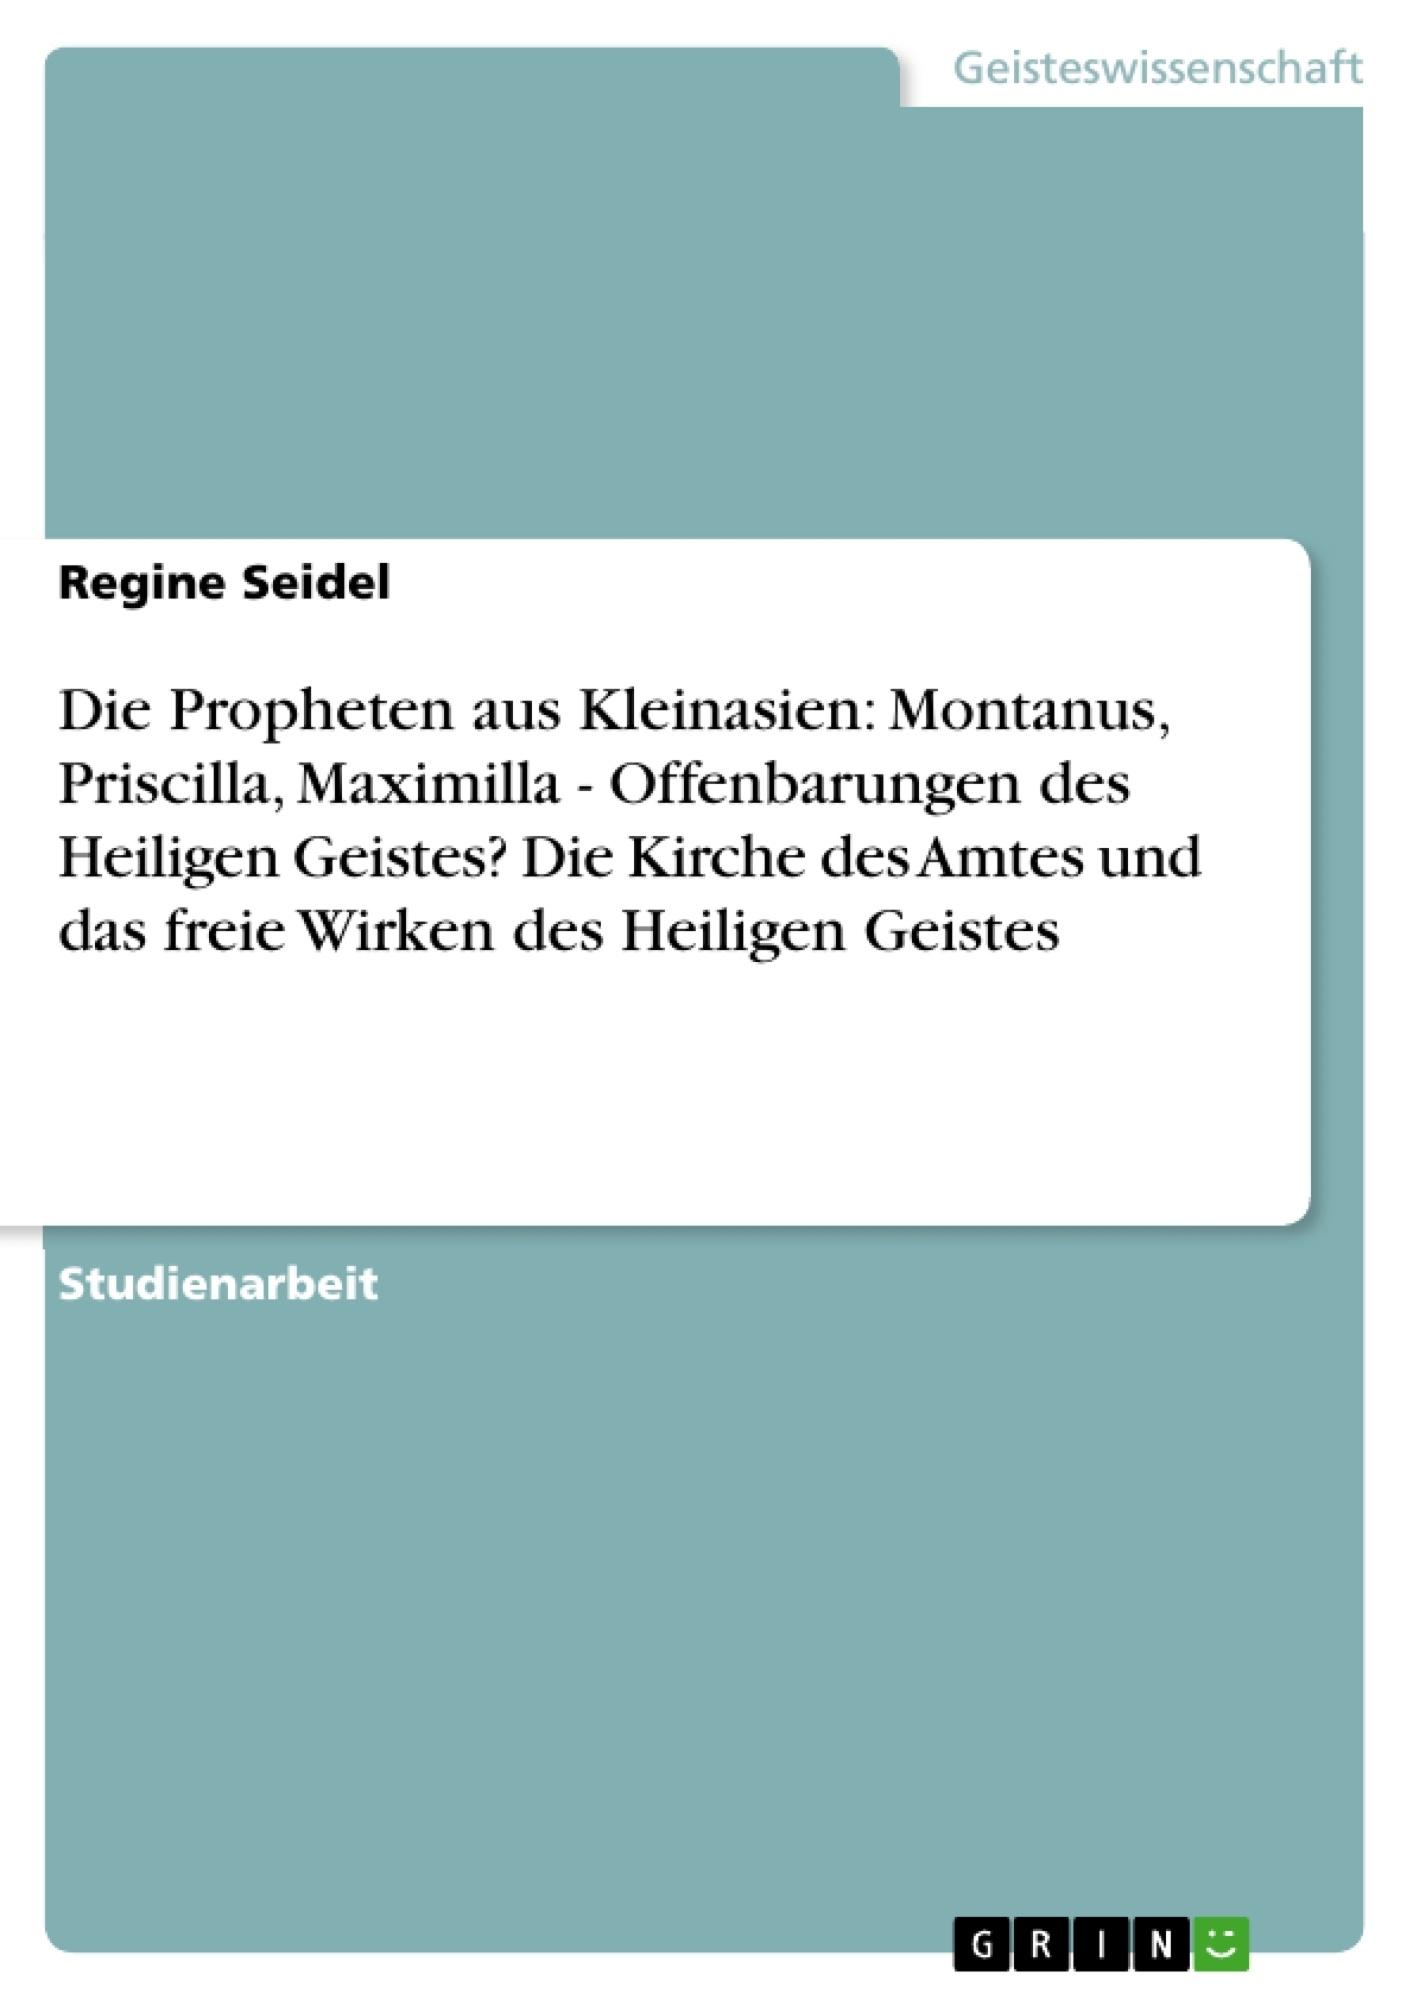 Titel: Die Propheten aus Kleinasien: Montanus, Priscilla, Maximilla - Offenbarungen des Heiligen Geistes? Die Kirche des Amtes und das freie Wirken des Heiligen Geistes